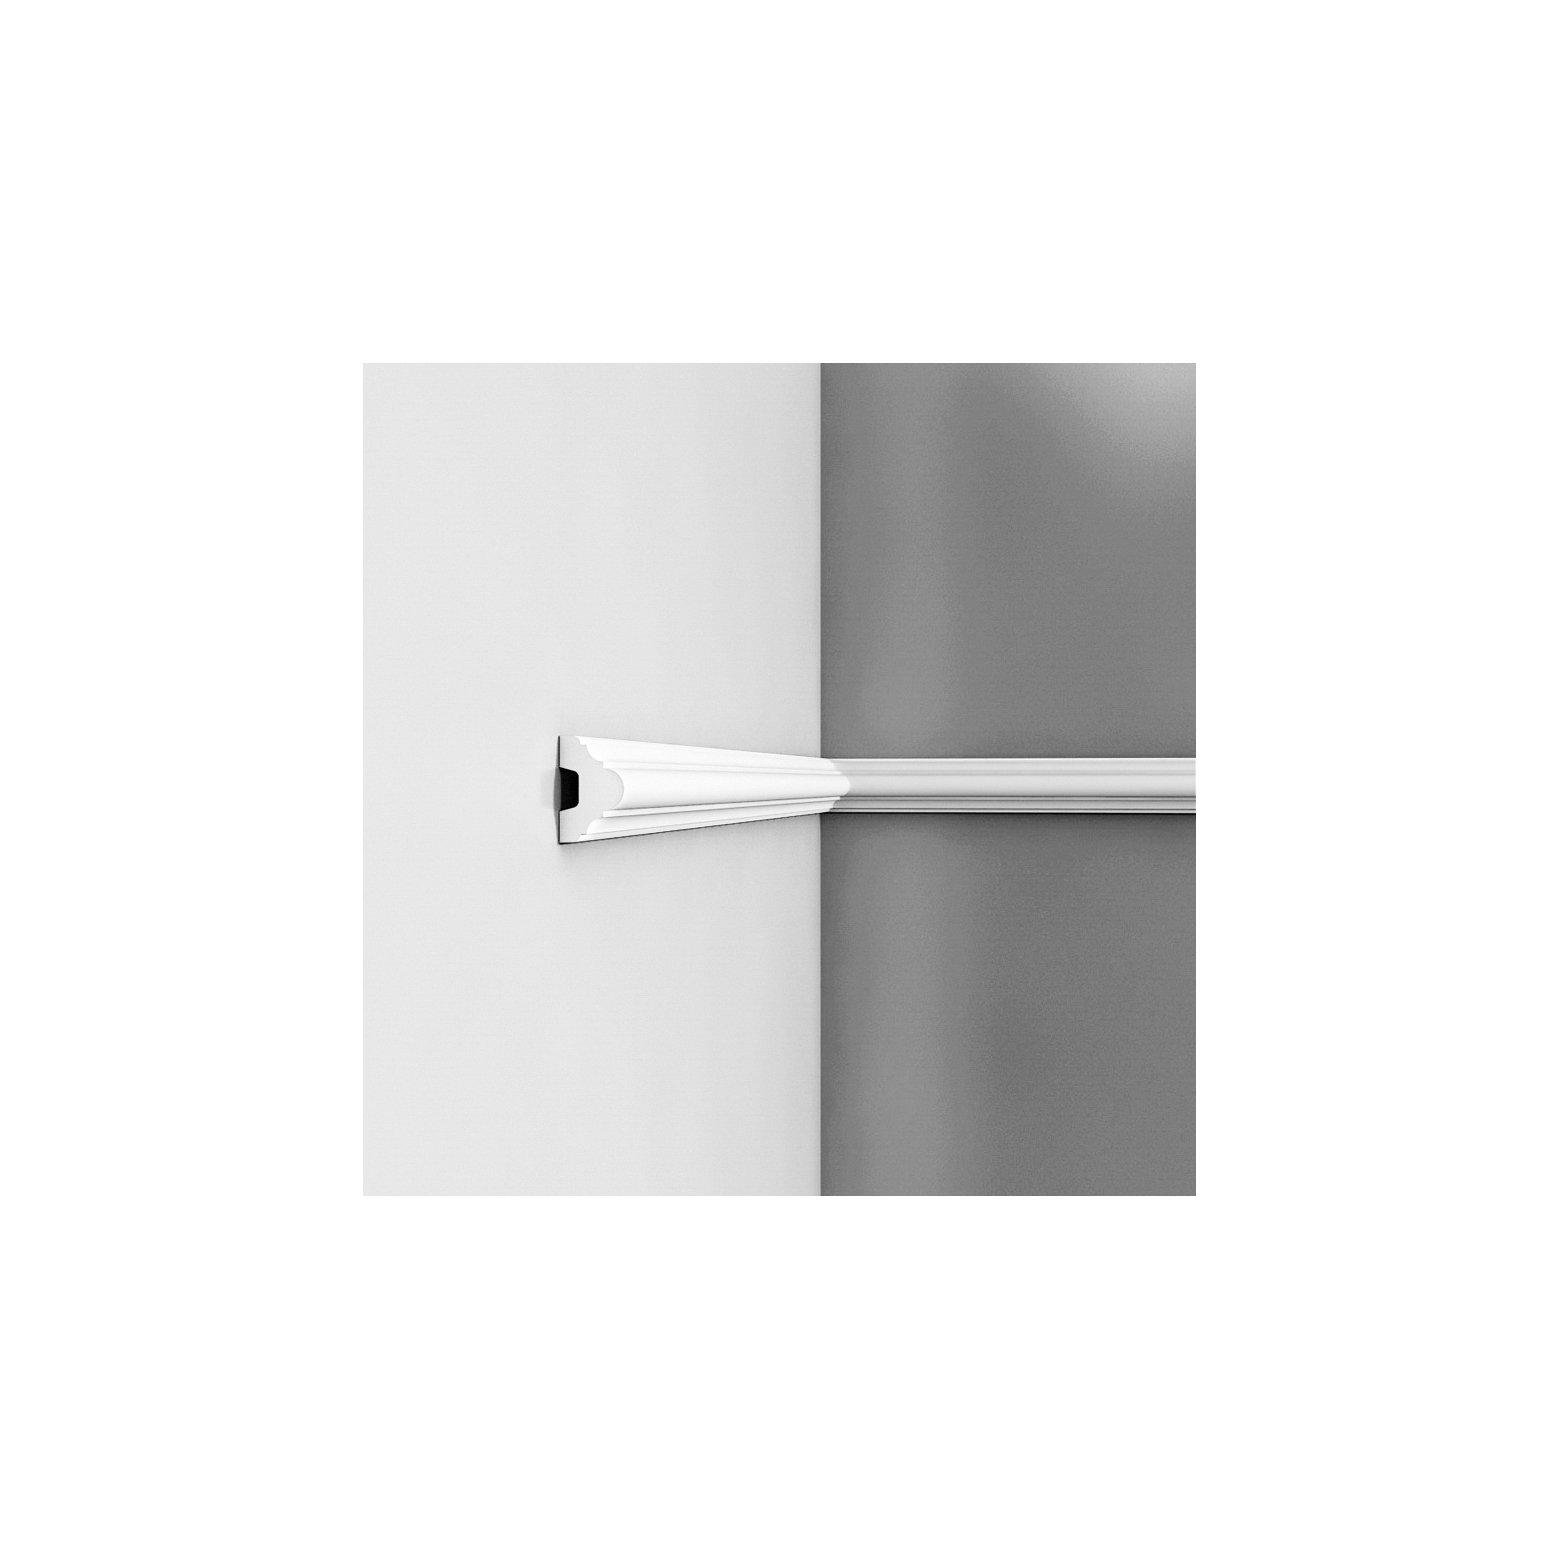 Listwa ścienna gładka gięta ODP4020F (wym.200x2.9x5cm)